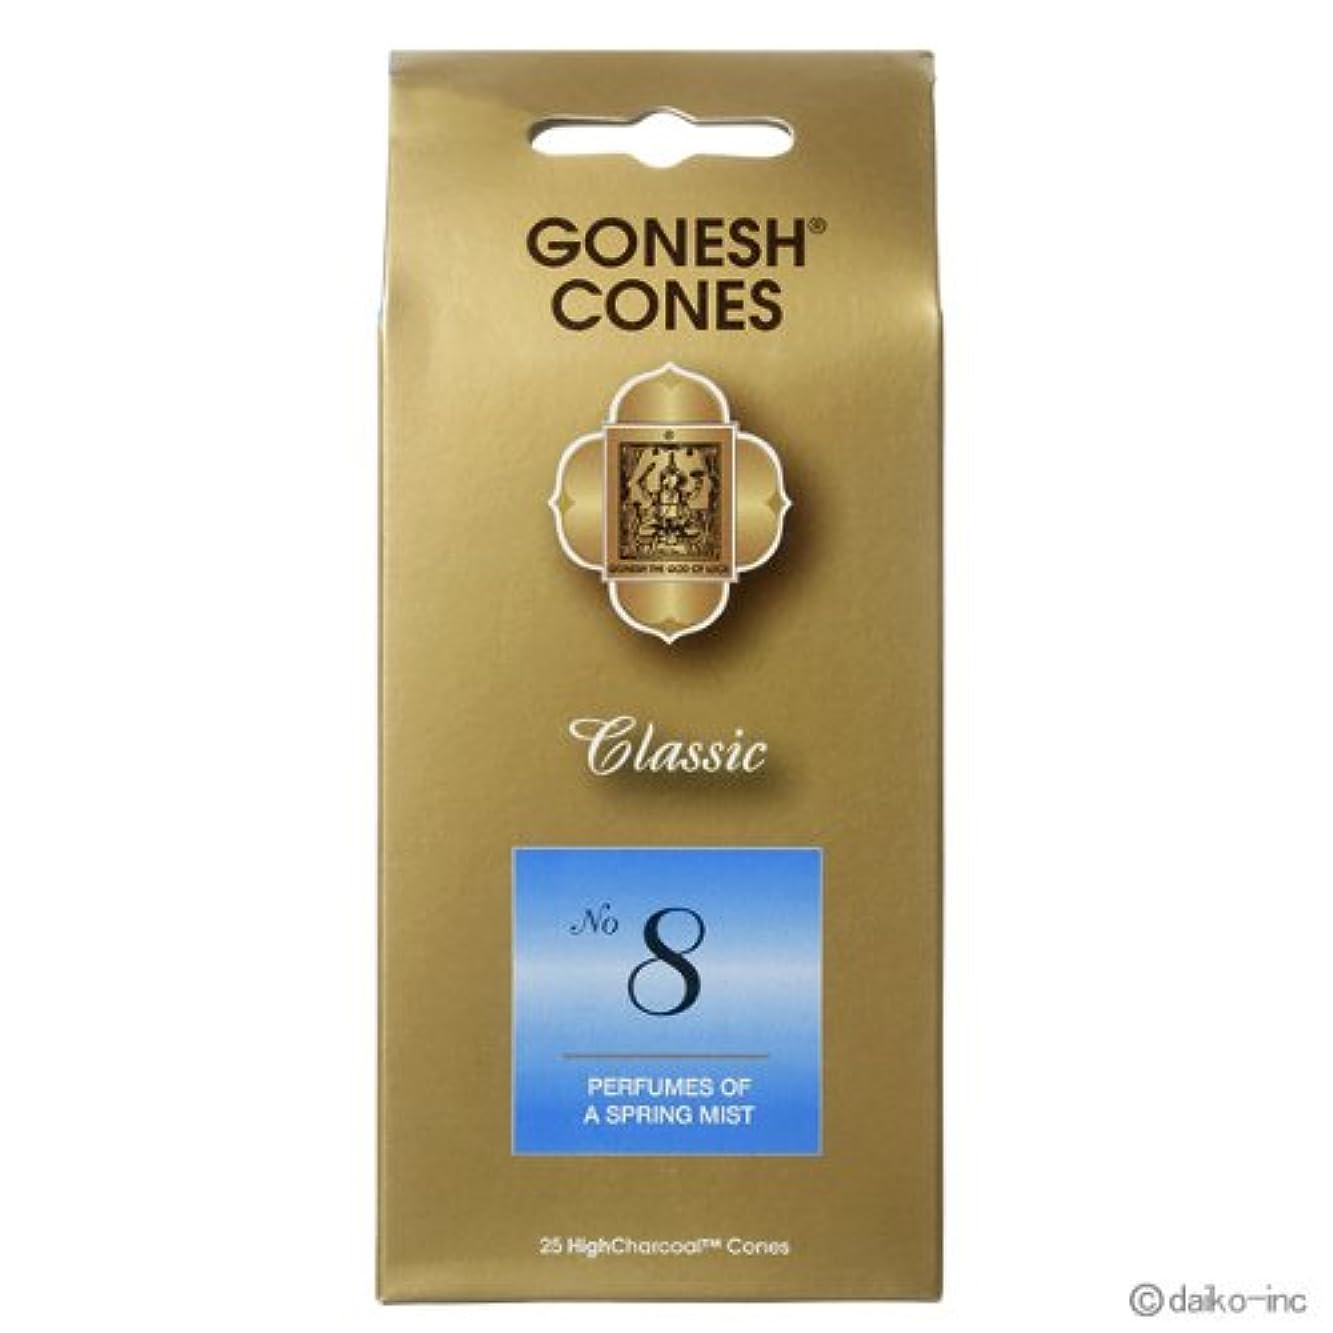 一月シリーズ印象的ガーネッシュ GONESH クラシック No.8 お香コーン25ヶ入 6個セット